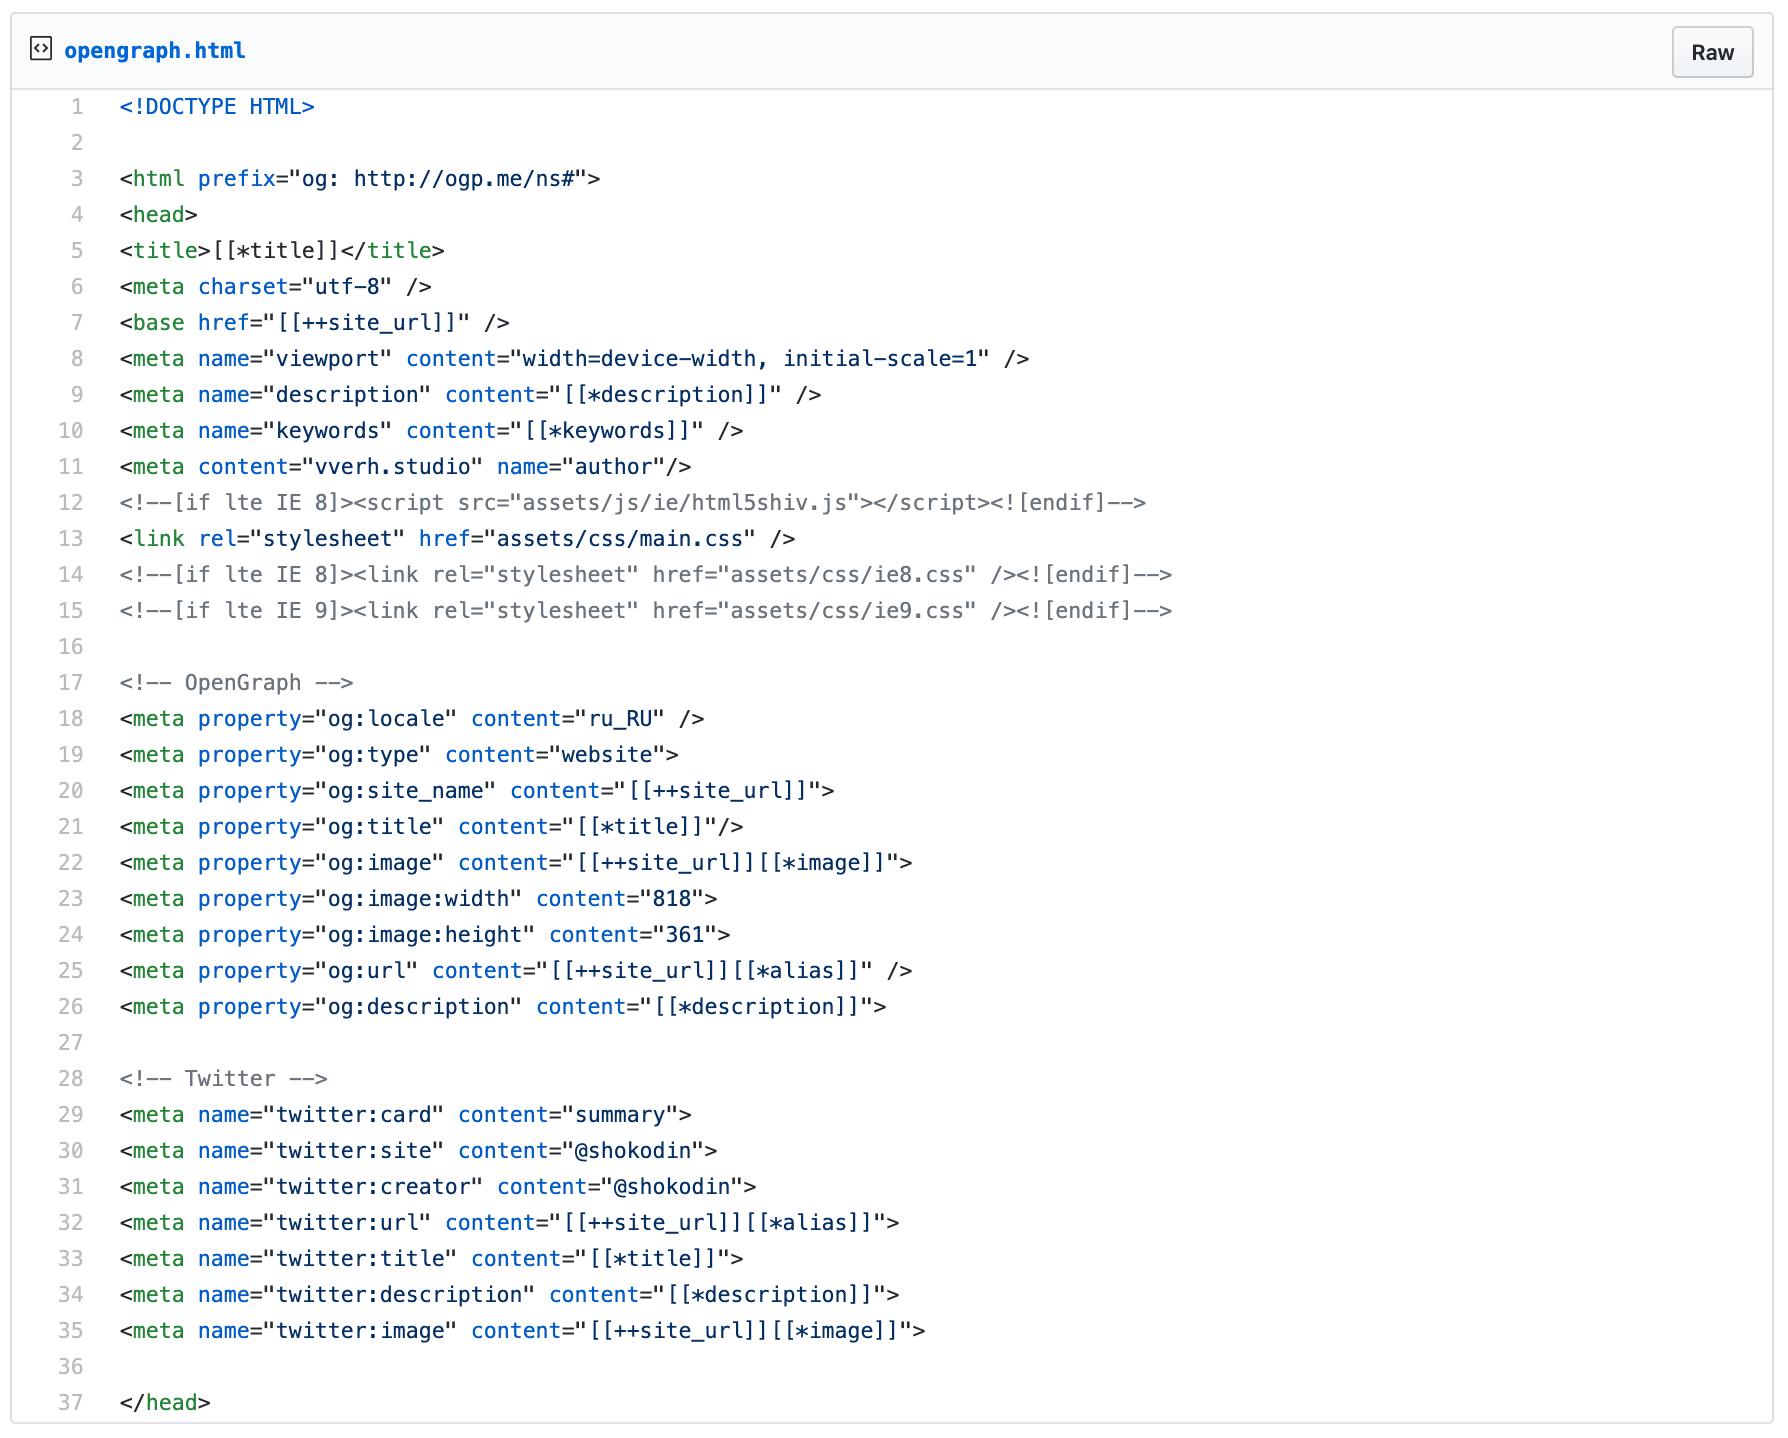 пример кода open graph